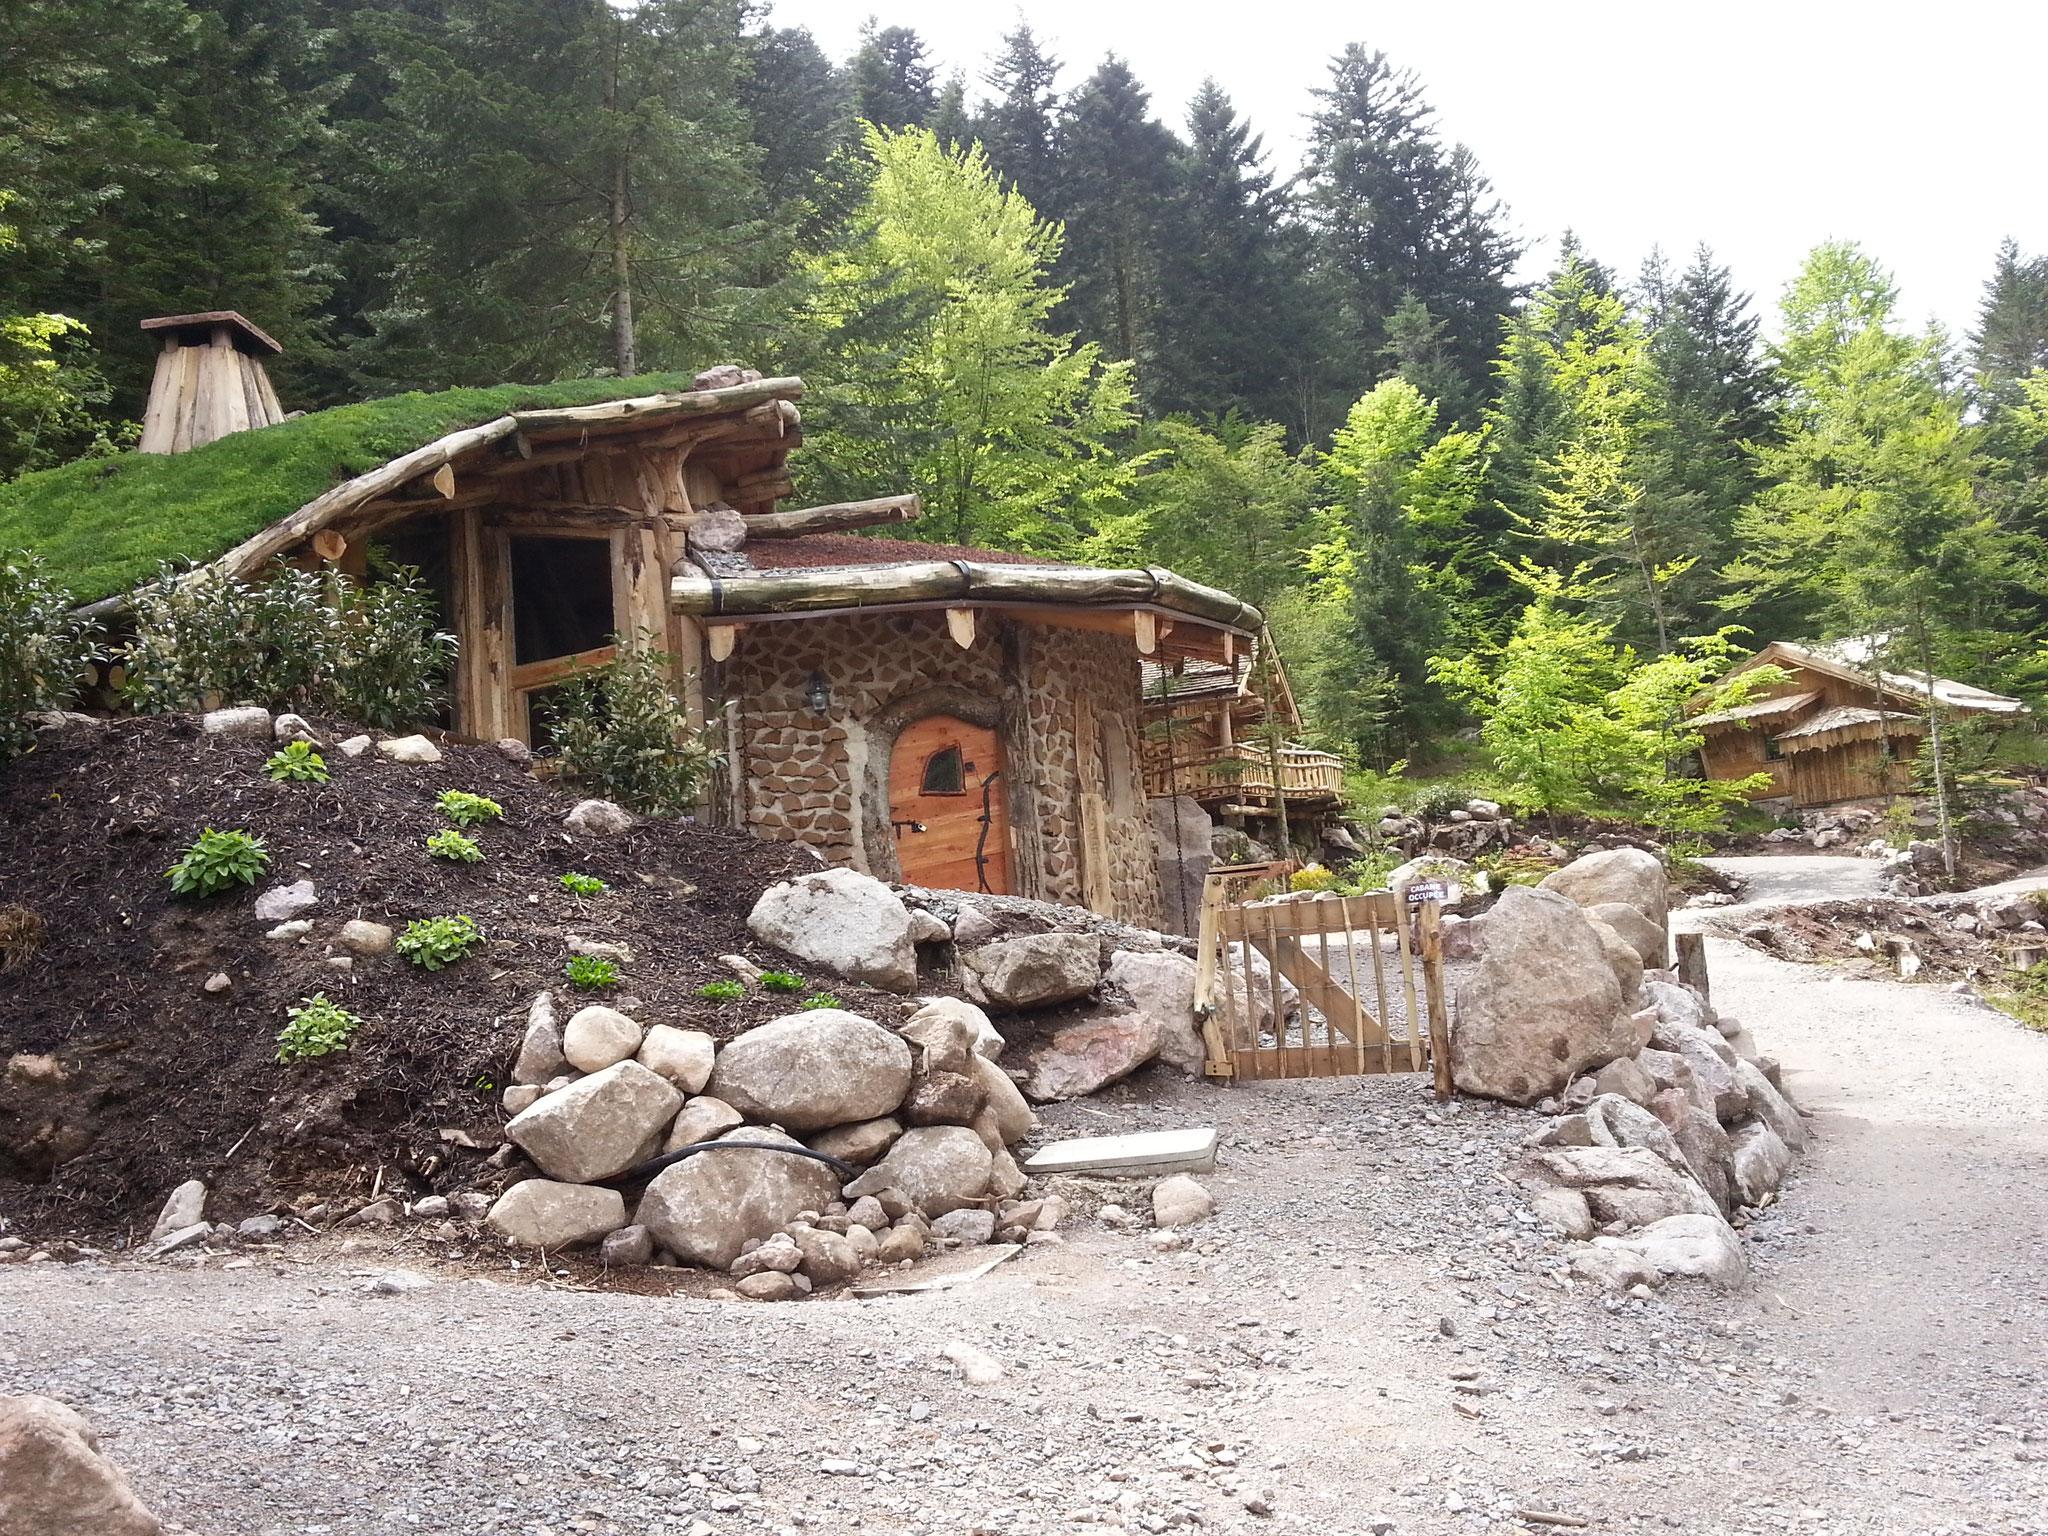 Rhabillage bois en façade sur les cabanes dans les arbres